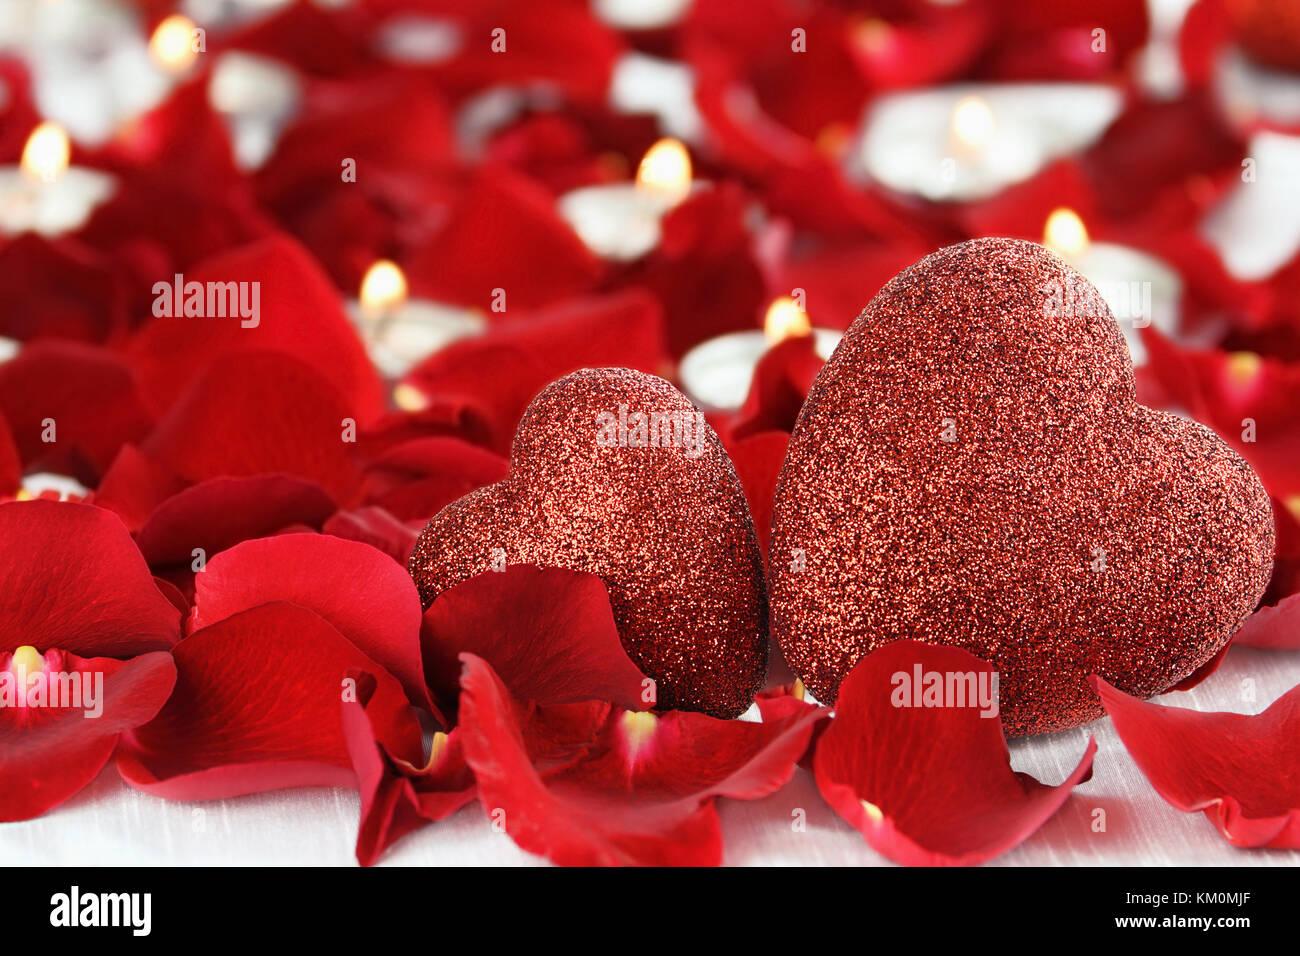 Fesselnd Valentinstag Herzen Durch Rosenblätter Und Lite Kerzen Vor Einem Weißen  Hintergrund Umgeben. Zimmer Für Kopie Raum Mit Extrem Geringer  Tiefenschärfe.